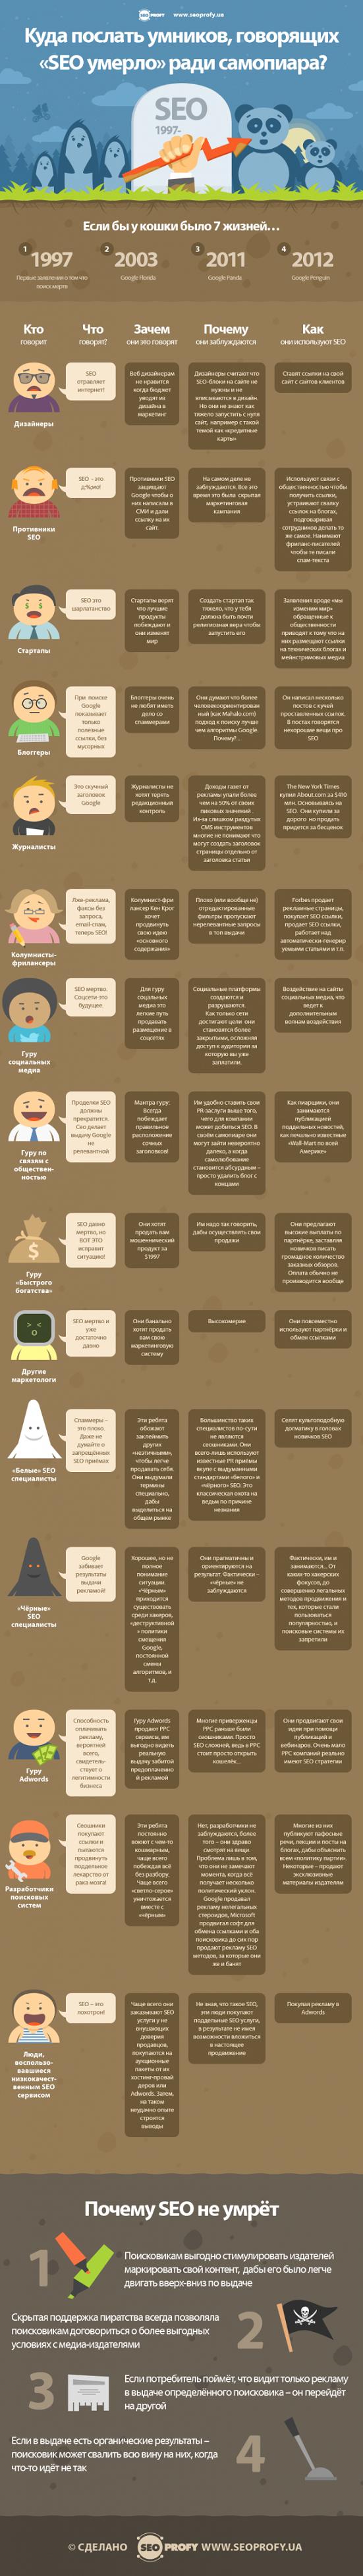 Инфографика: SEO умерло или нет?